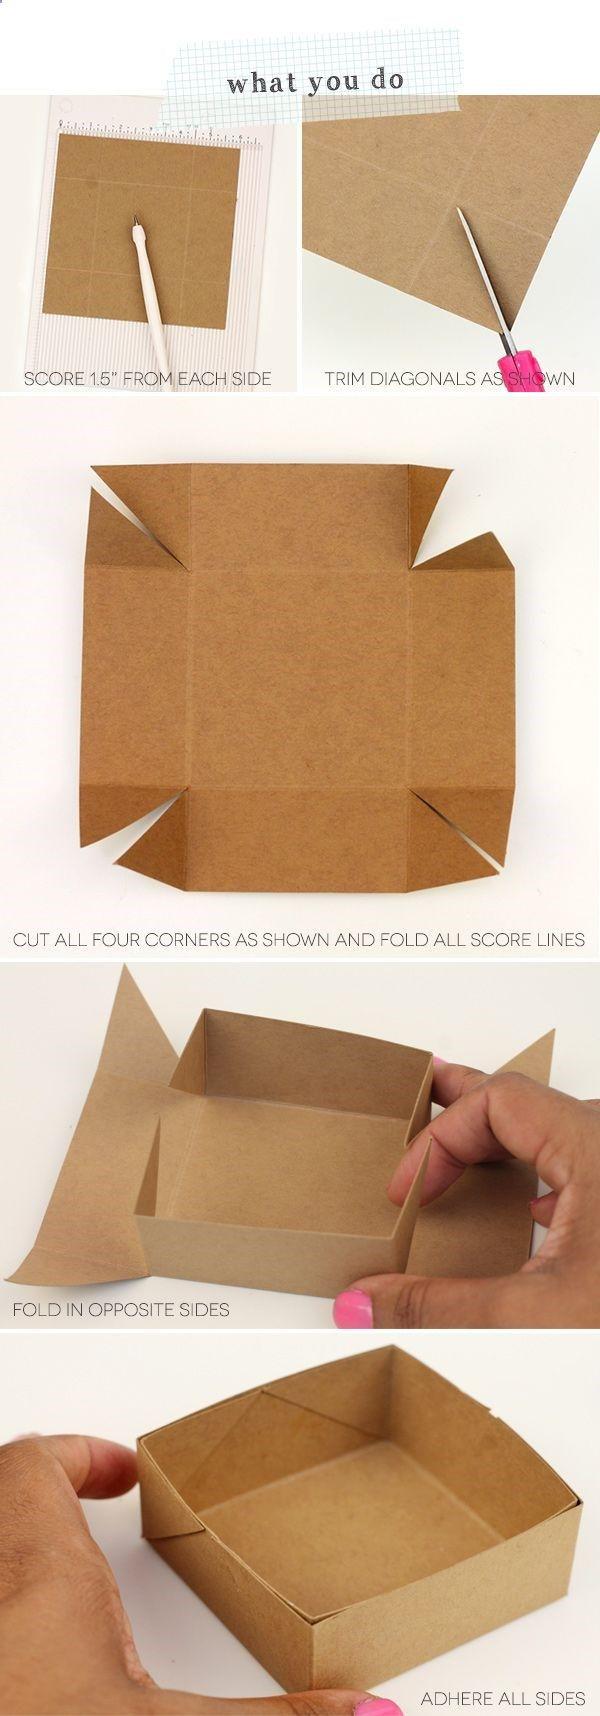 Hazlo con un material resistente para un mejor terminado.